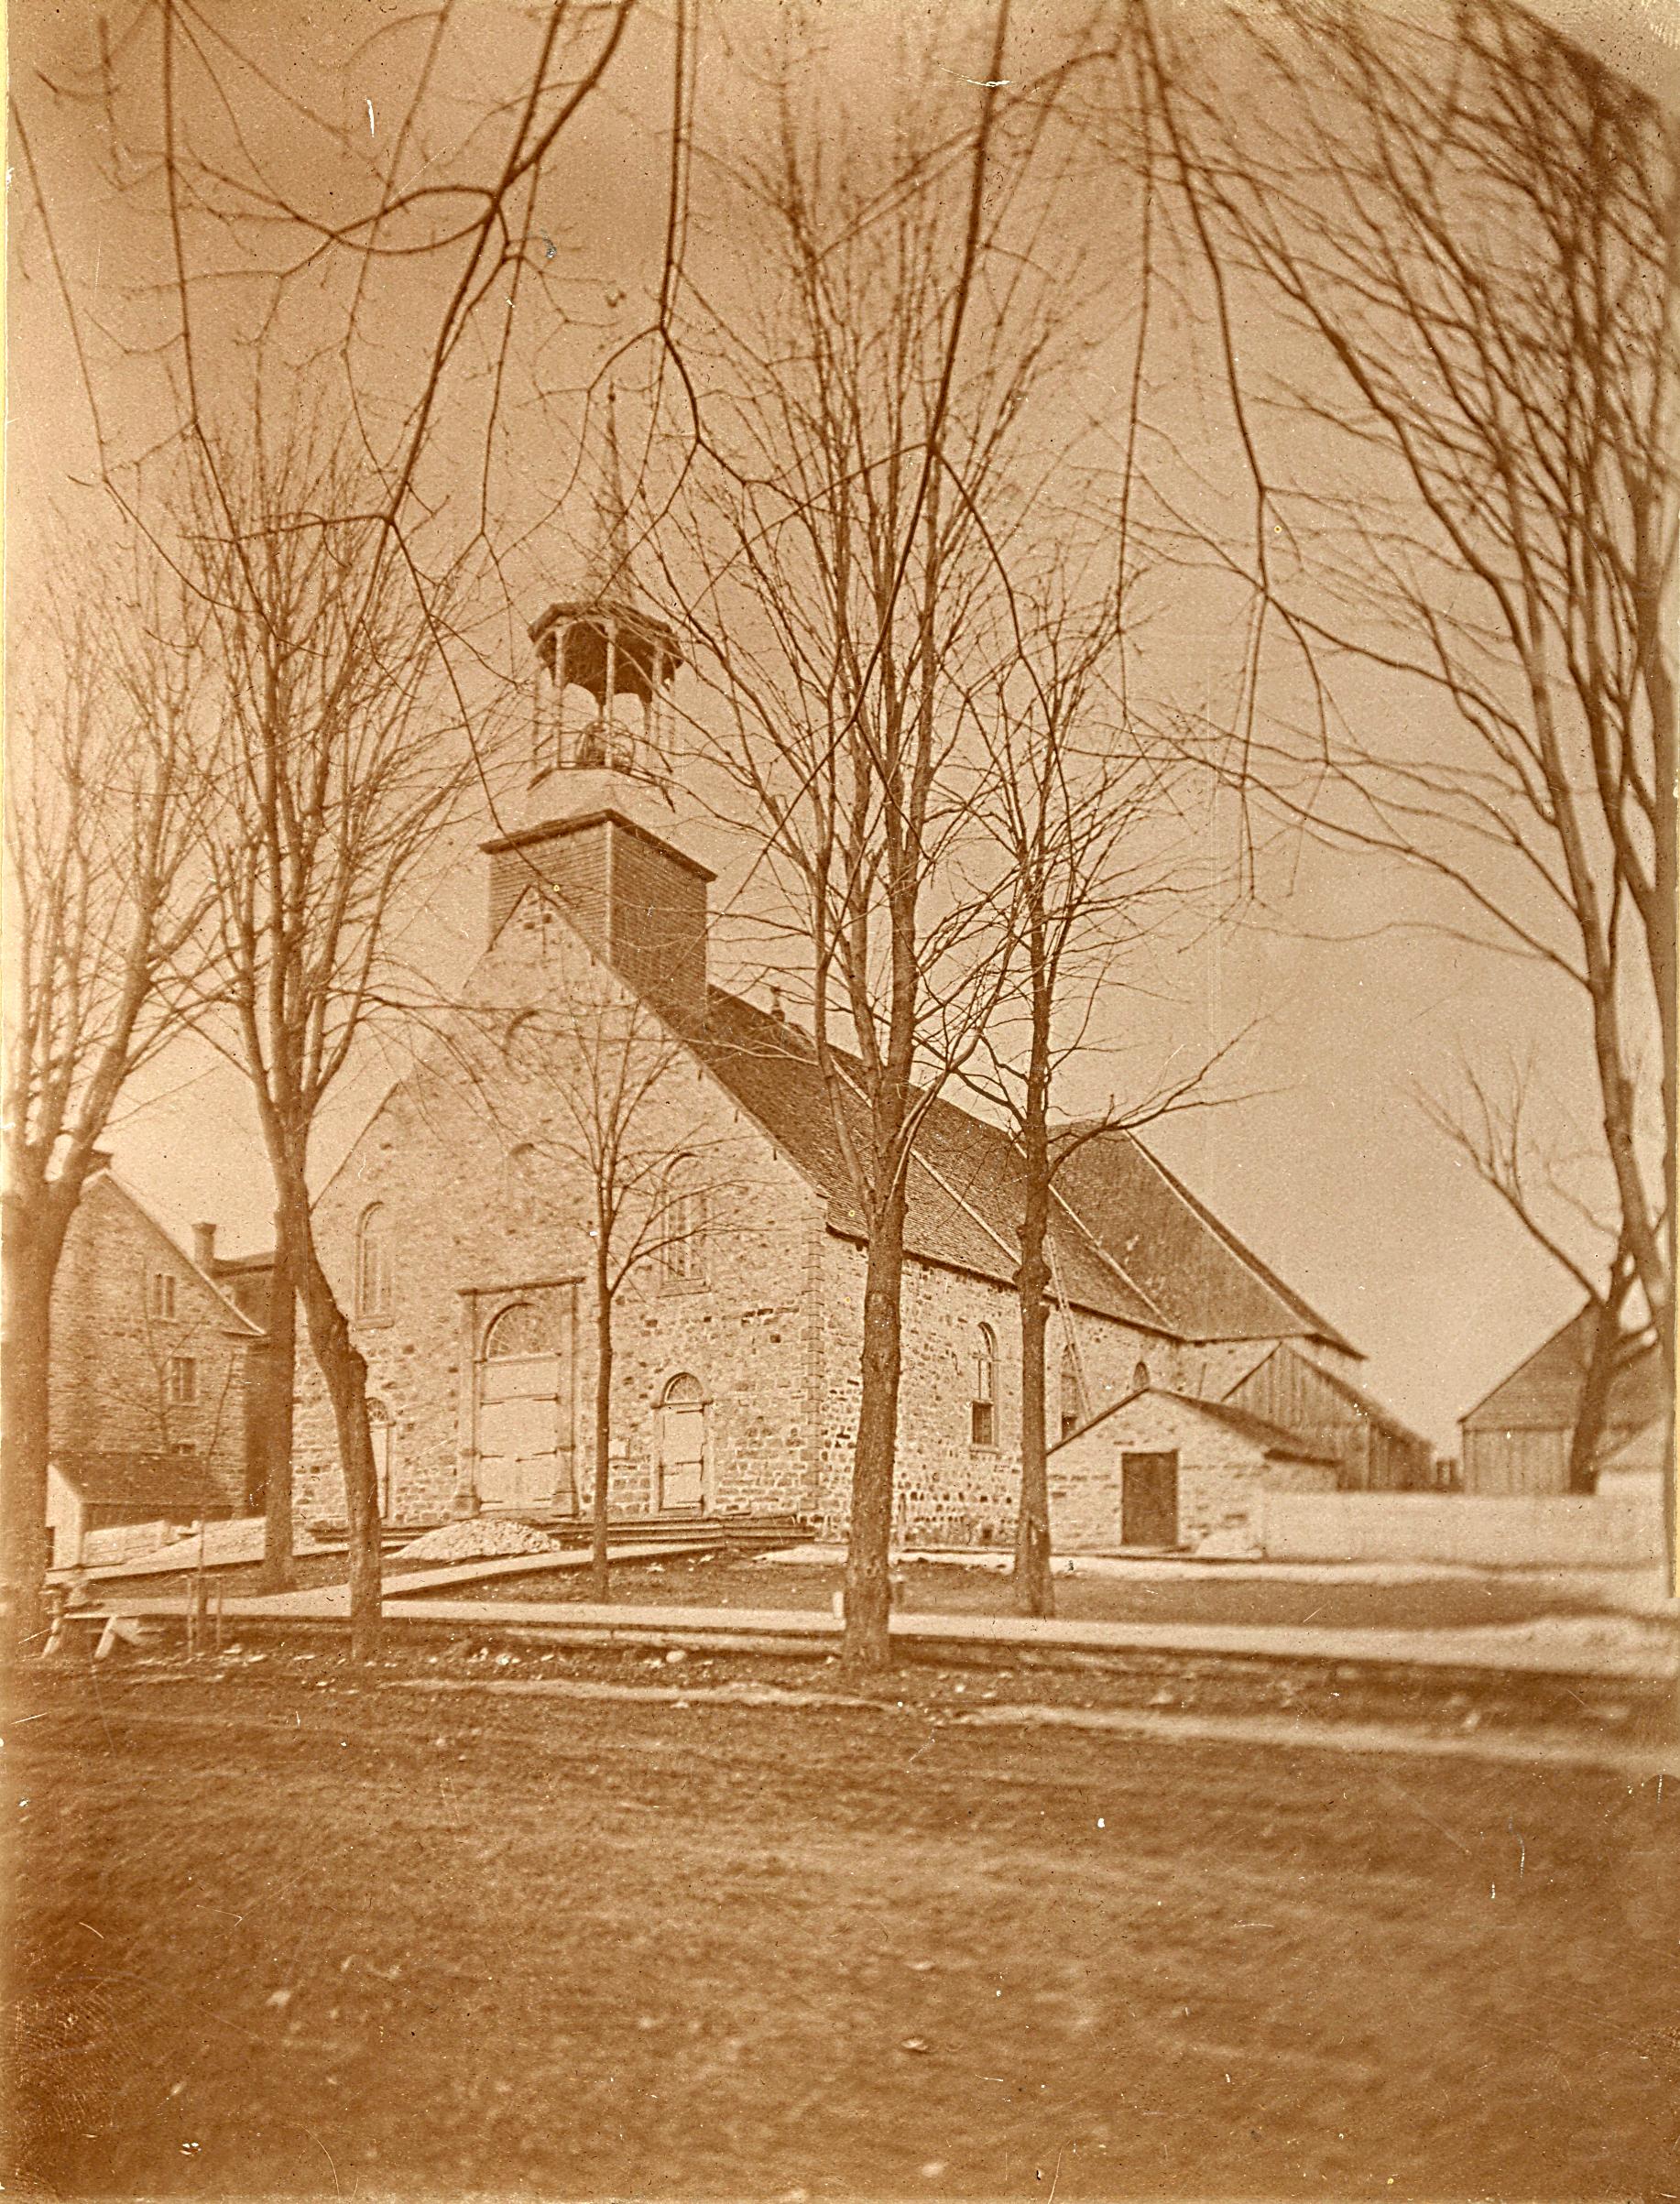 Photographie sépia de la première église de Saint-Jérôme. L'extérieur de l'église est en pierre des champs ainsi que le charnier situé à droite de l'église. Quelques petits bâtiments de ferme en bois se trouvent à droite de l'église. Un trottoir en bois longe une rue en terre devant le bâtiment.